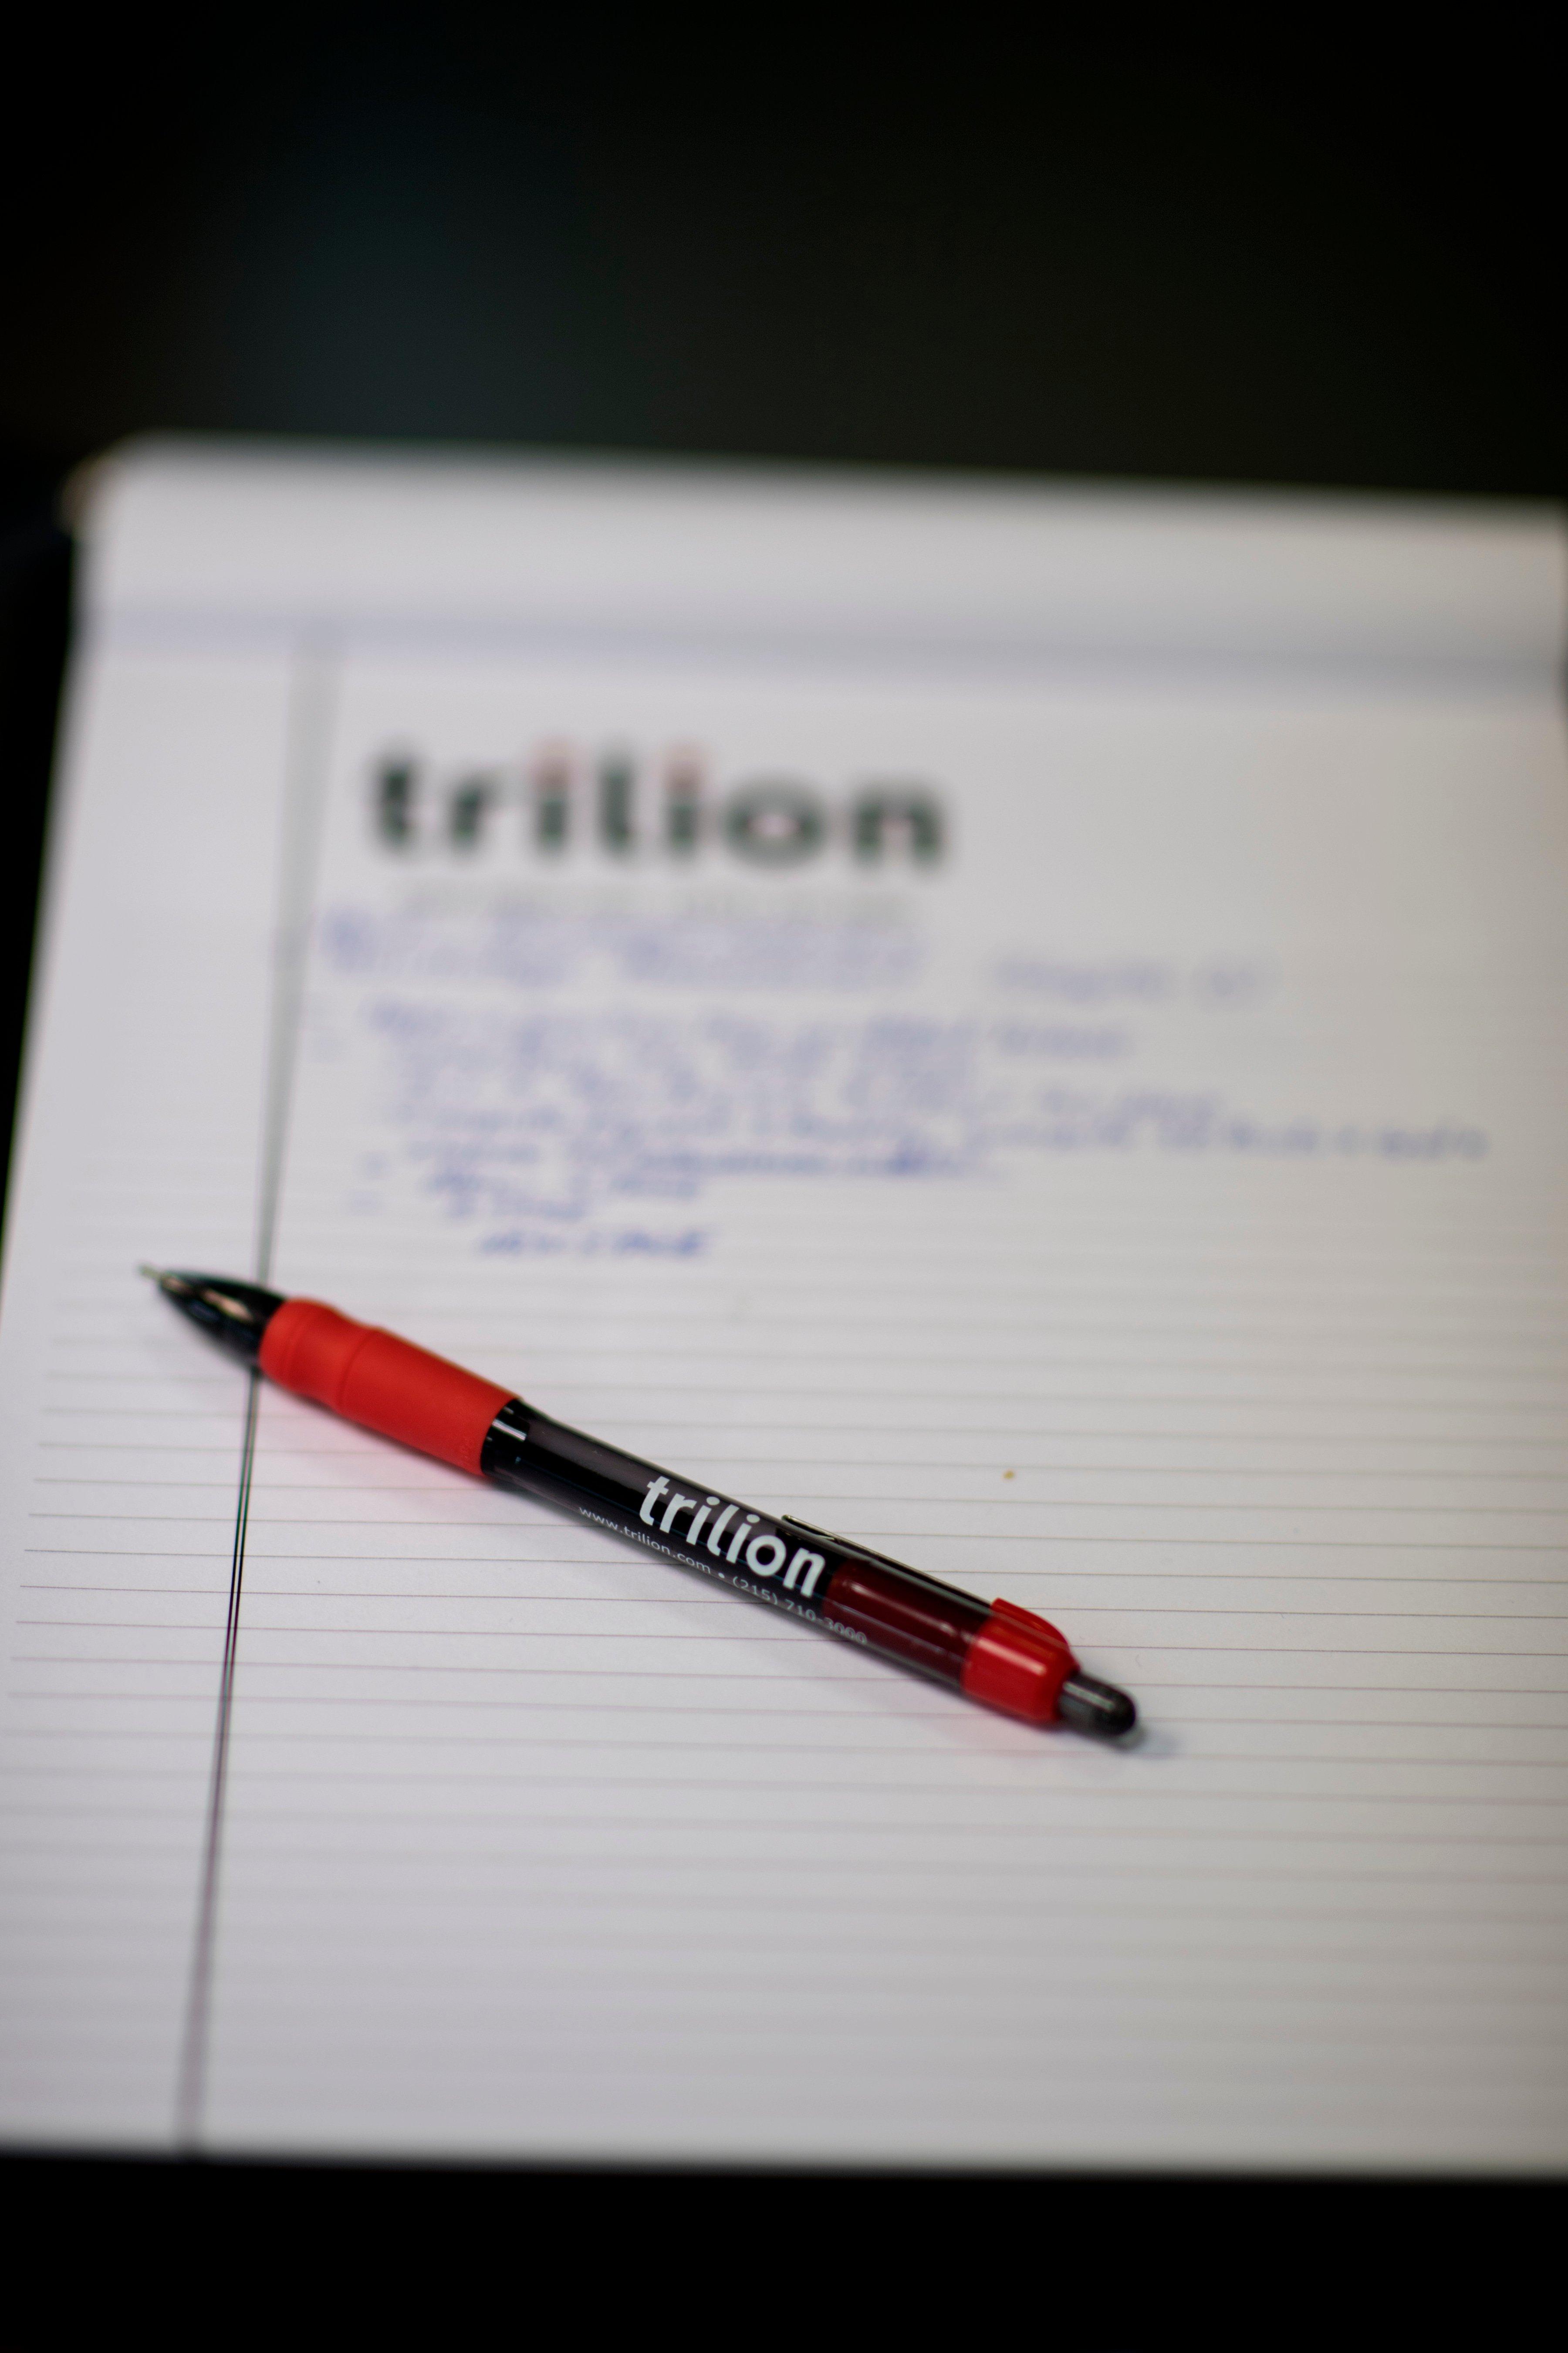 Trilion note pad